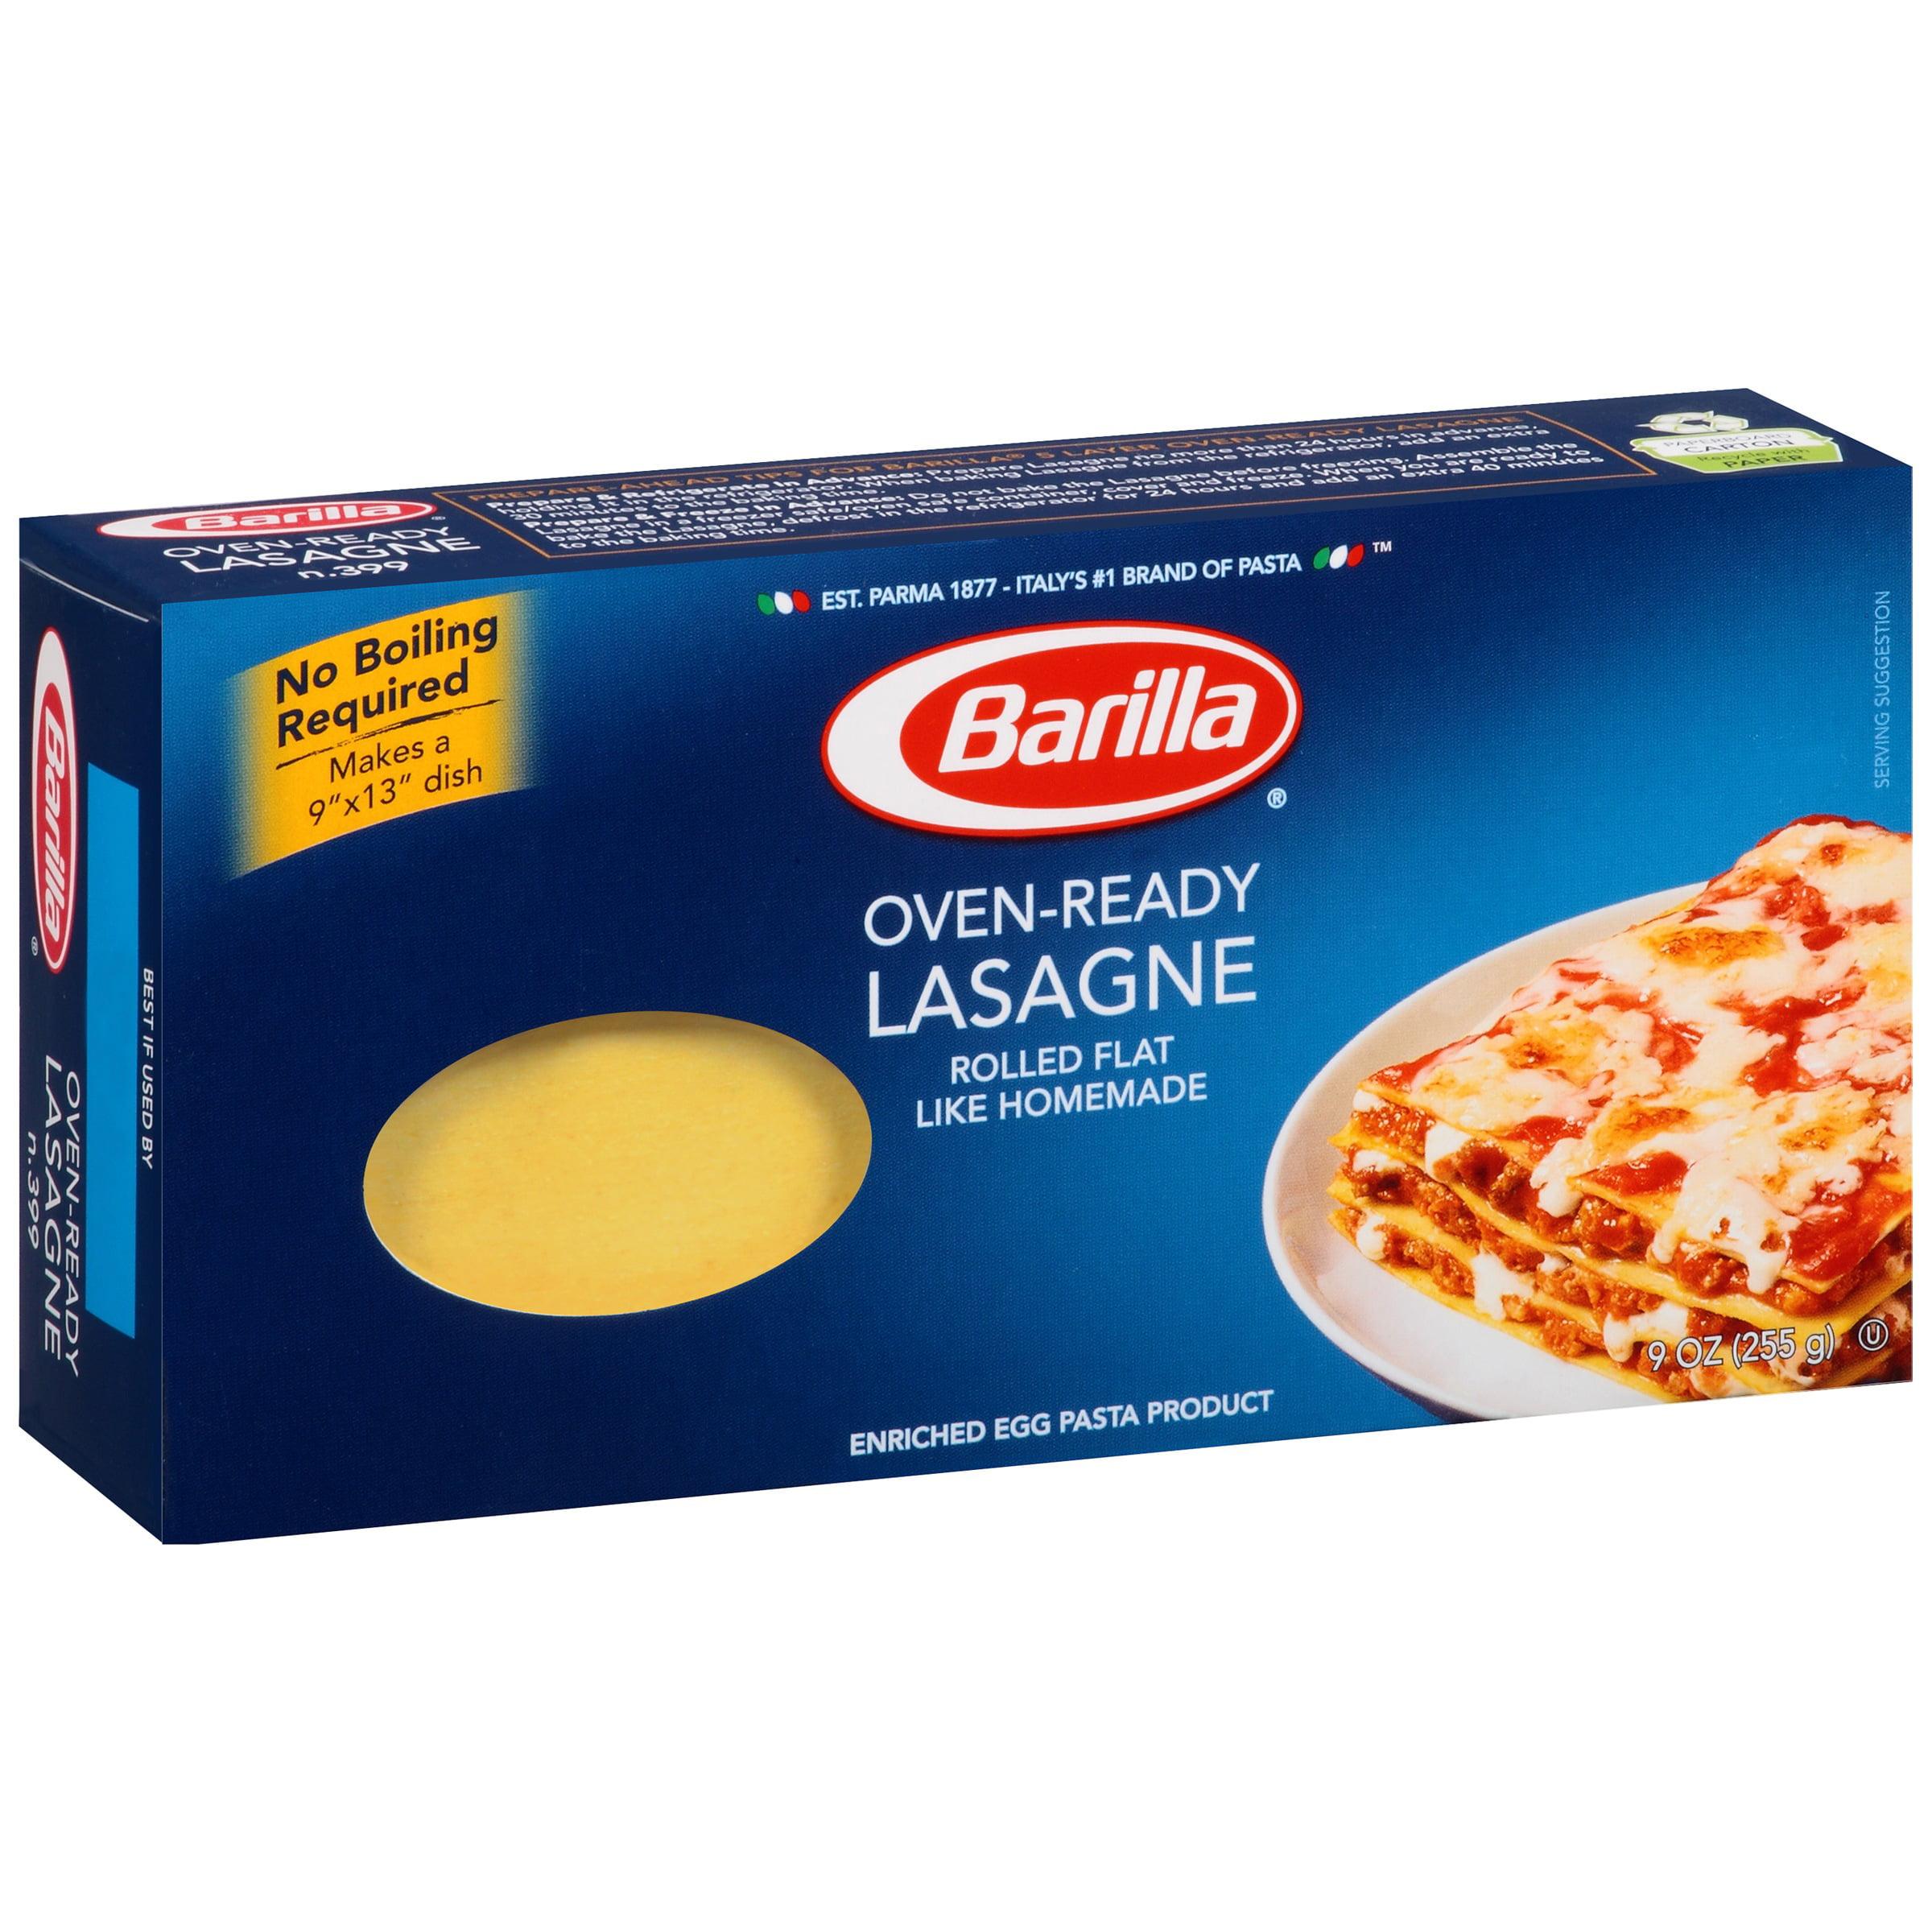 Barilla Oven-Ready Lasagne Pasta, 9 oz by Barilla America